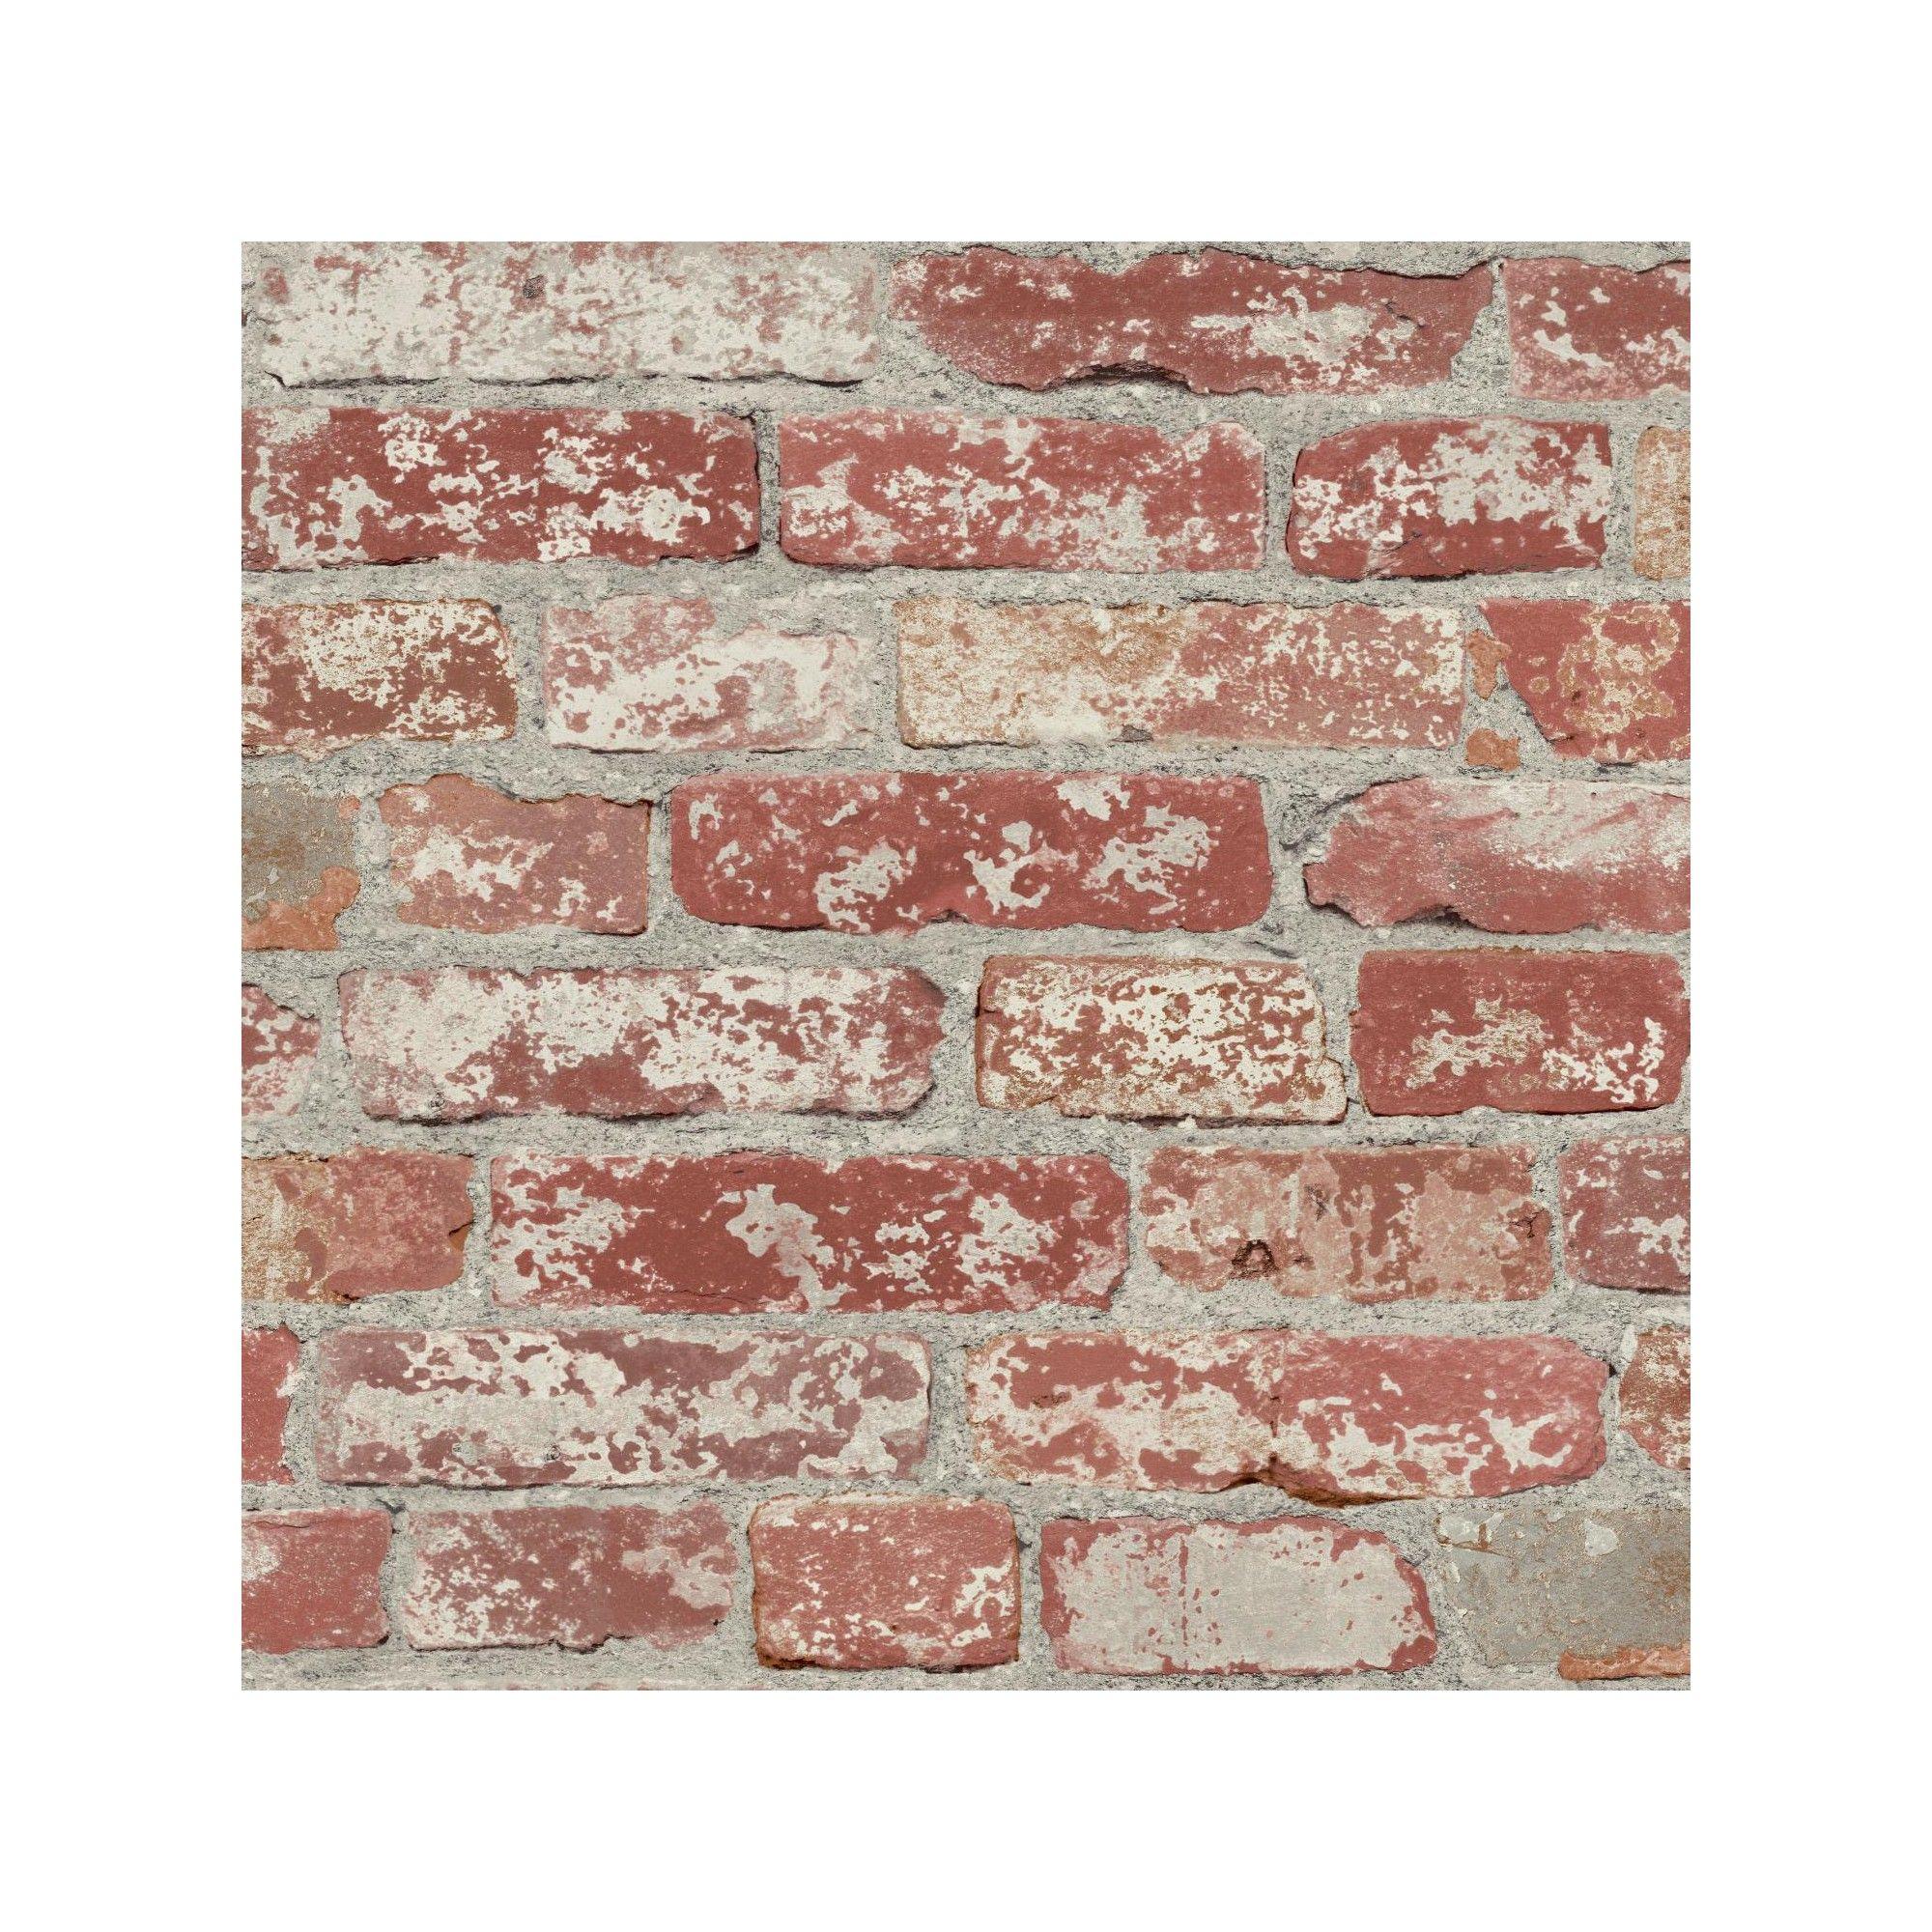 Roommates Stuccoed Brick Peel And Stick Wallpaper Dark Red Peel And Stick Wallpaper Red Brick Wallpaper Brick Wallpaper